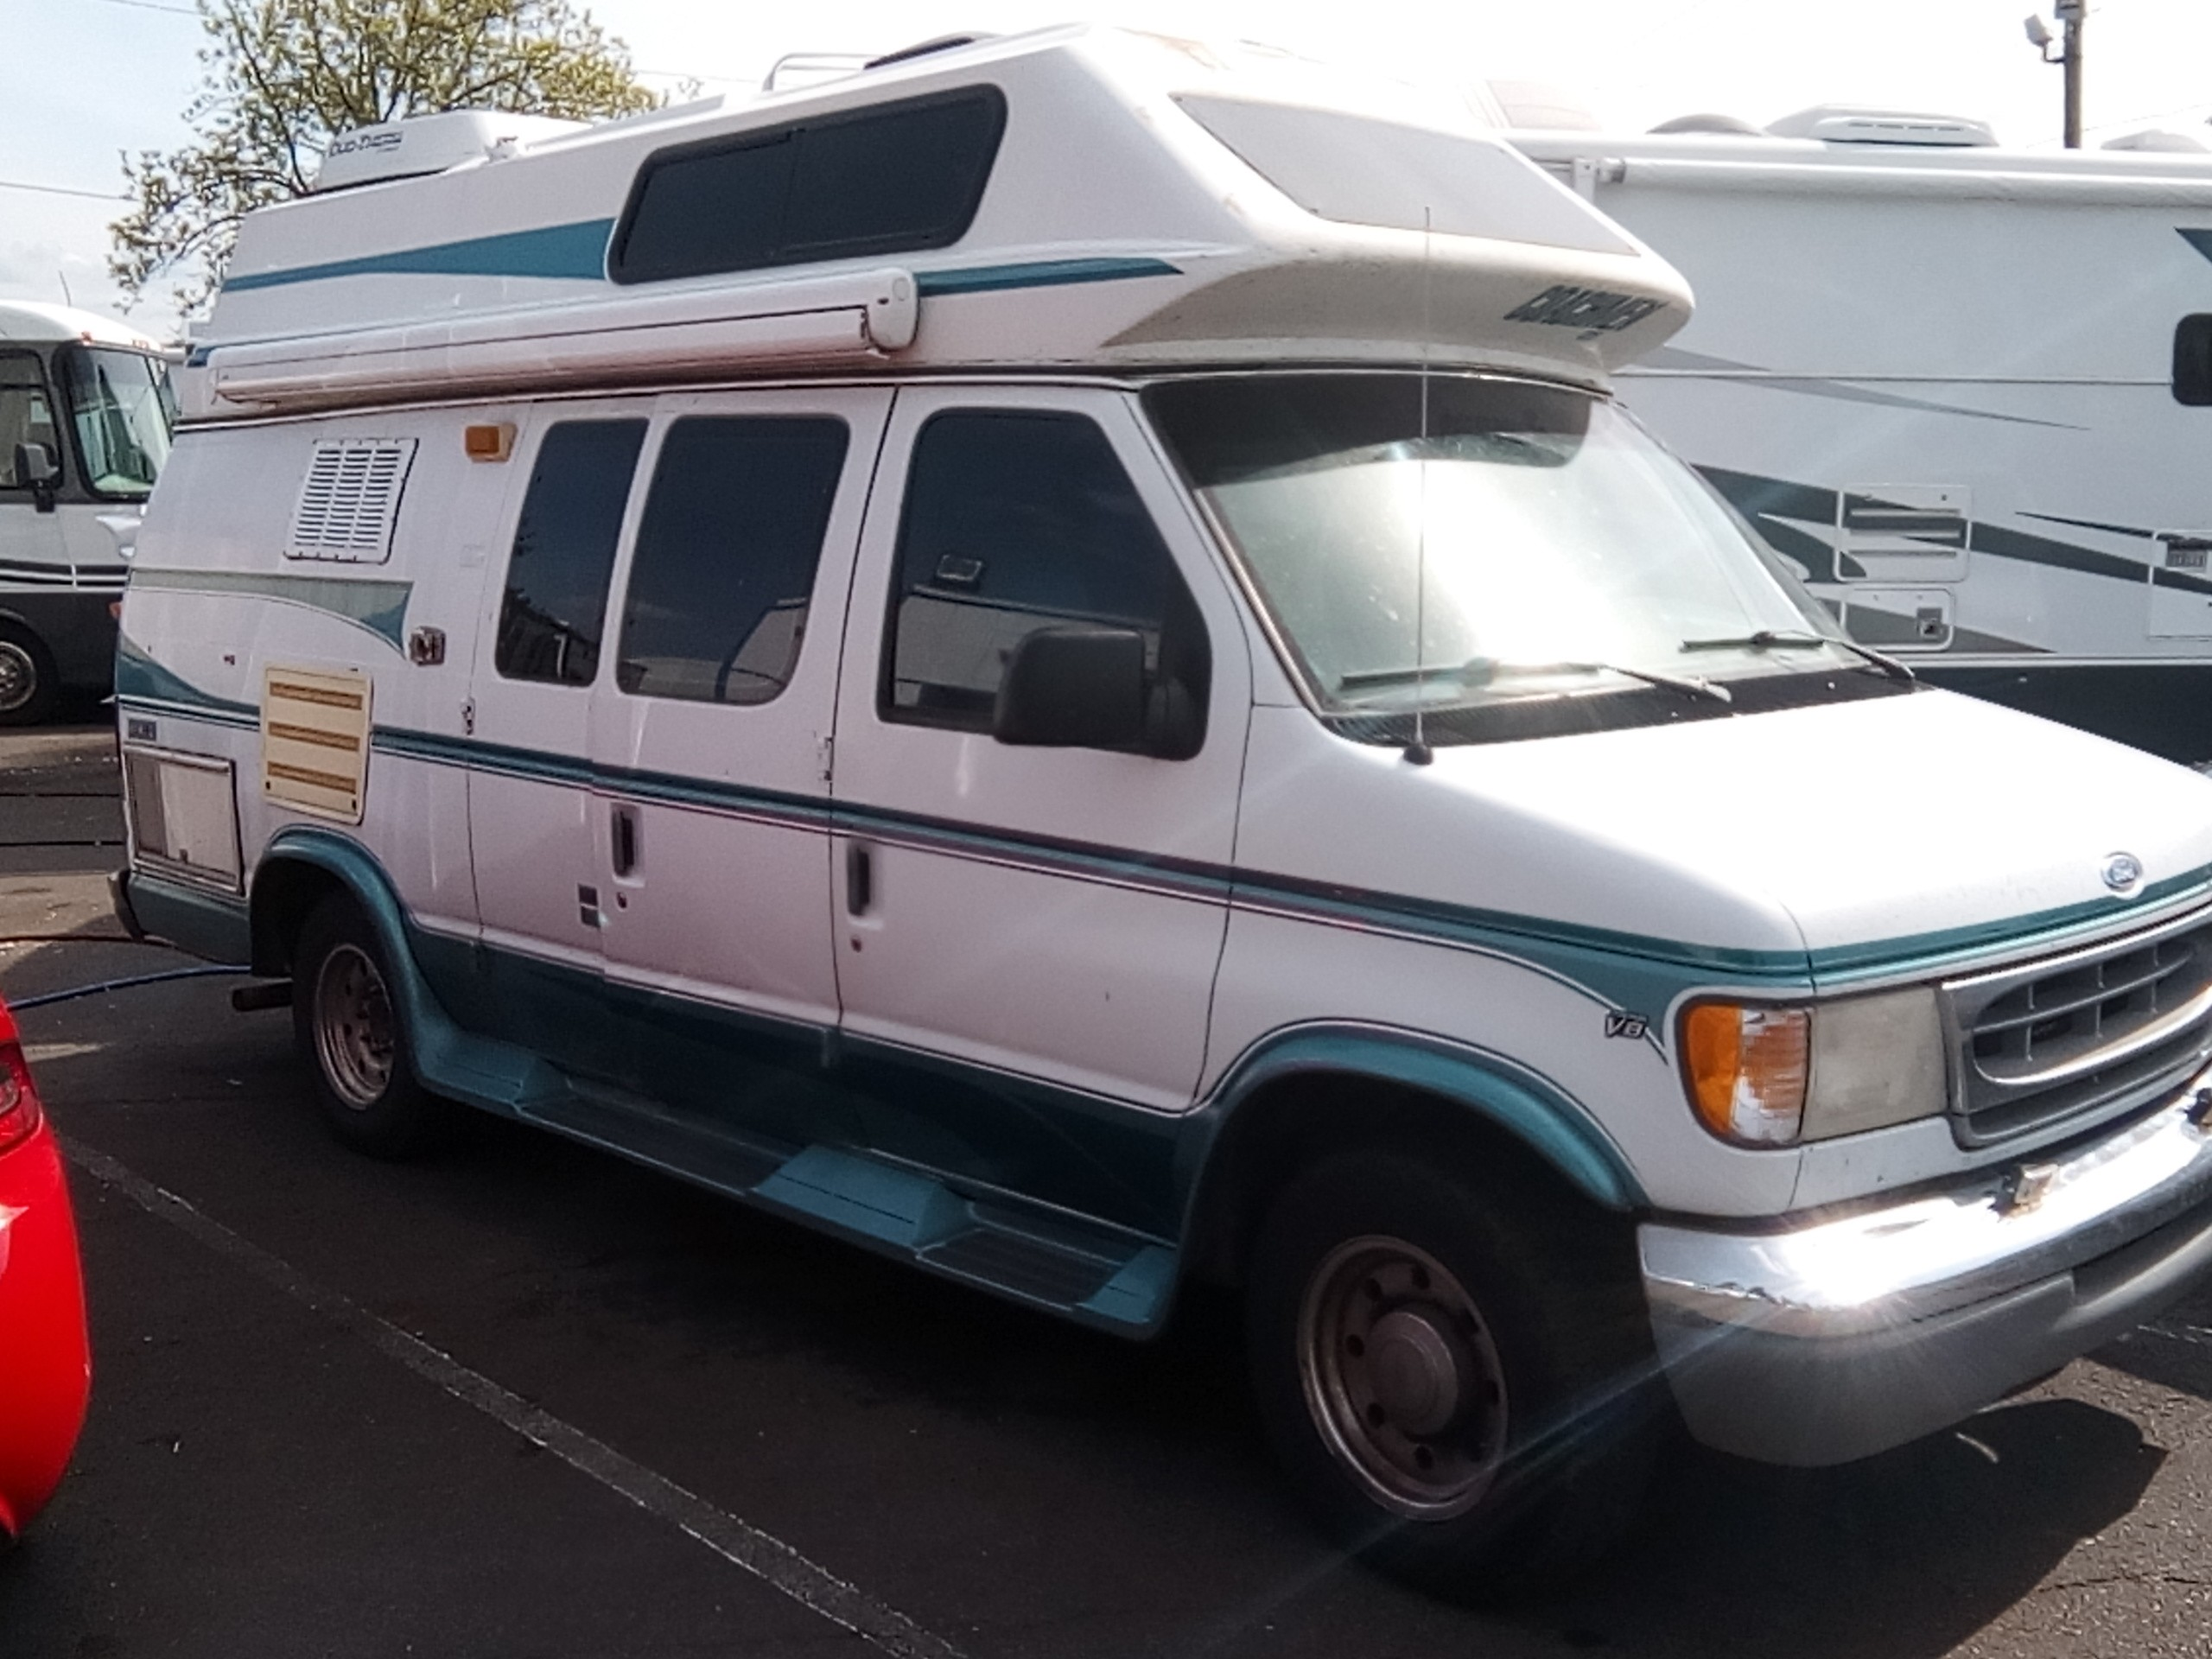 Used, 1997, Coachmen, ECONOLINE E250, RV - Class B